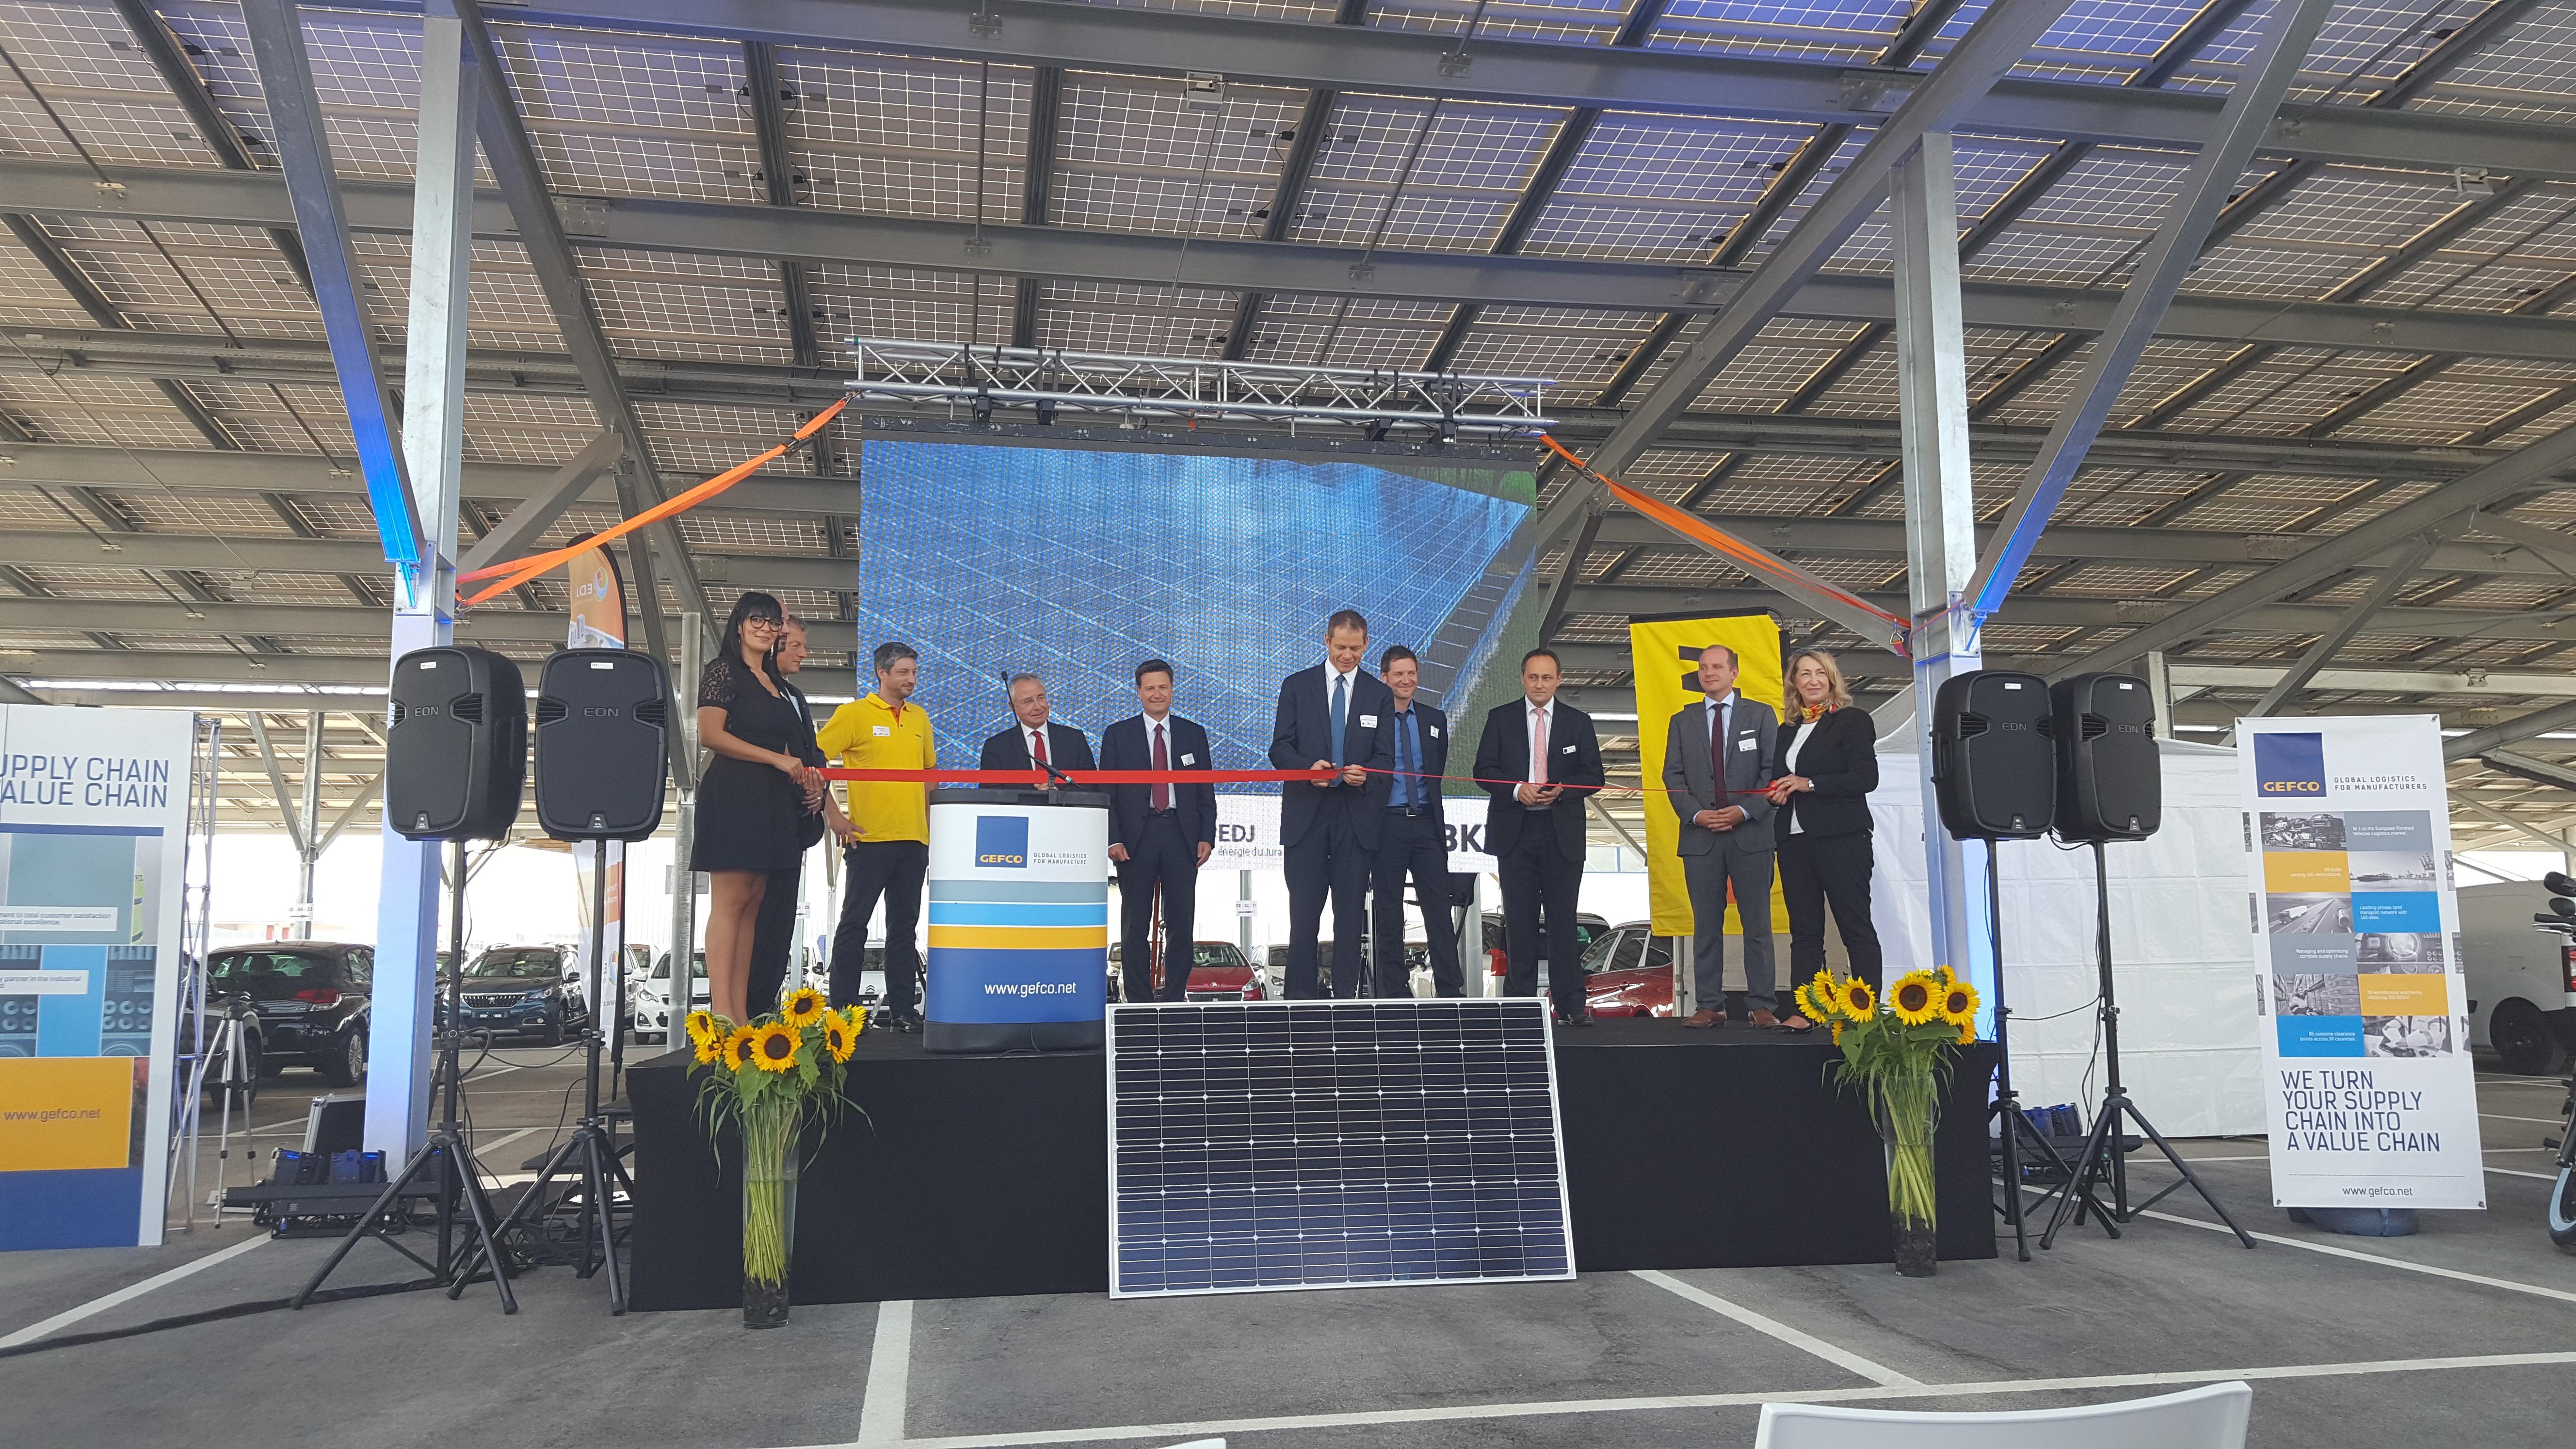 inaugurazione-centrale-fotovoltaica-courgenay.jpg